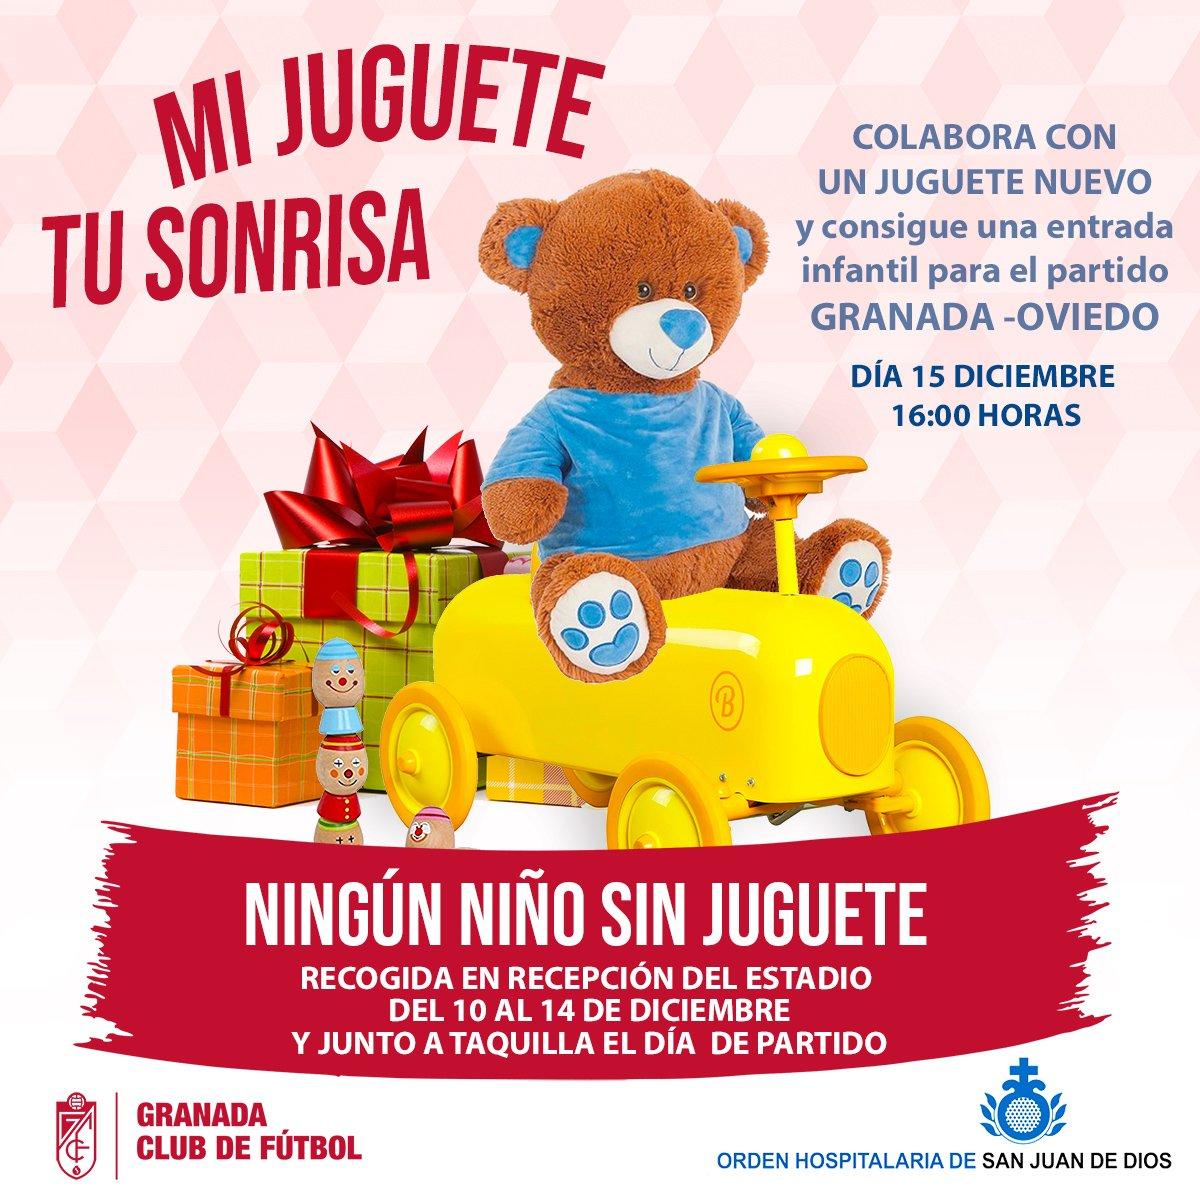 El Granada CF lanza una campaña solidaria de recogida de juguetes